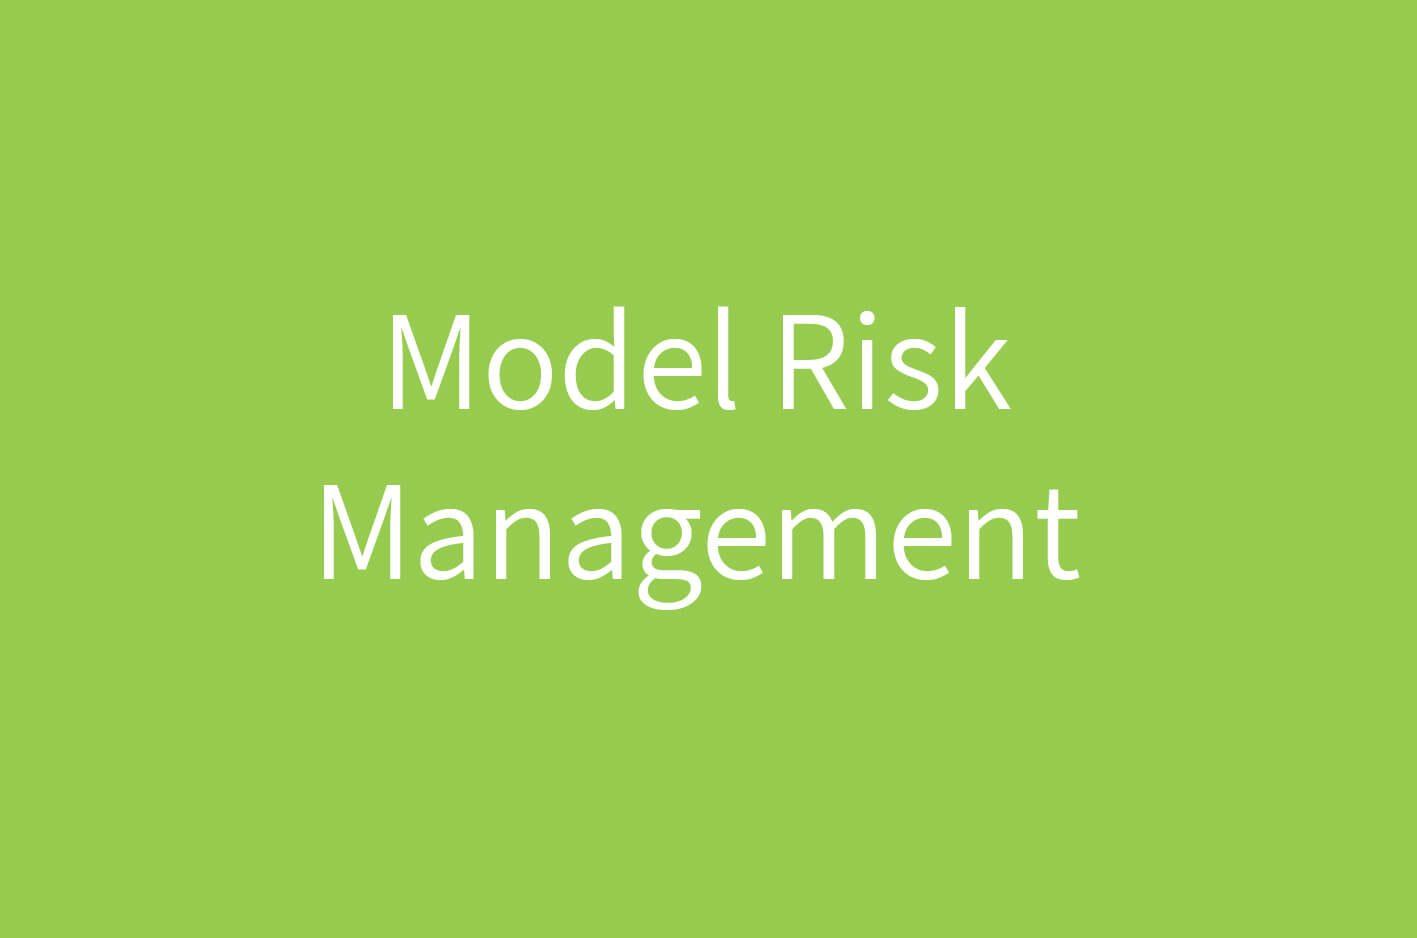 Model Risk Management Framework and Software  LogicManager